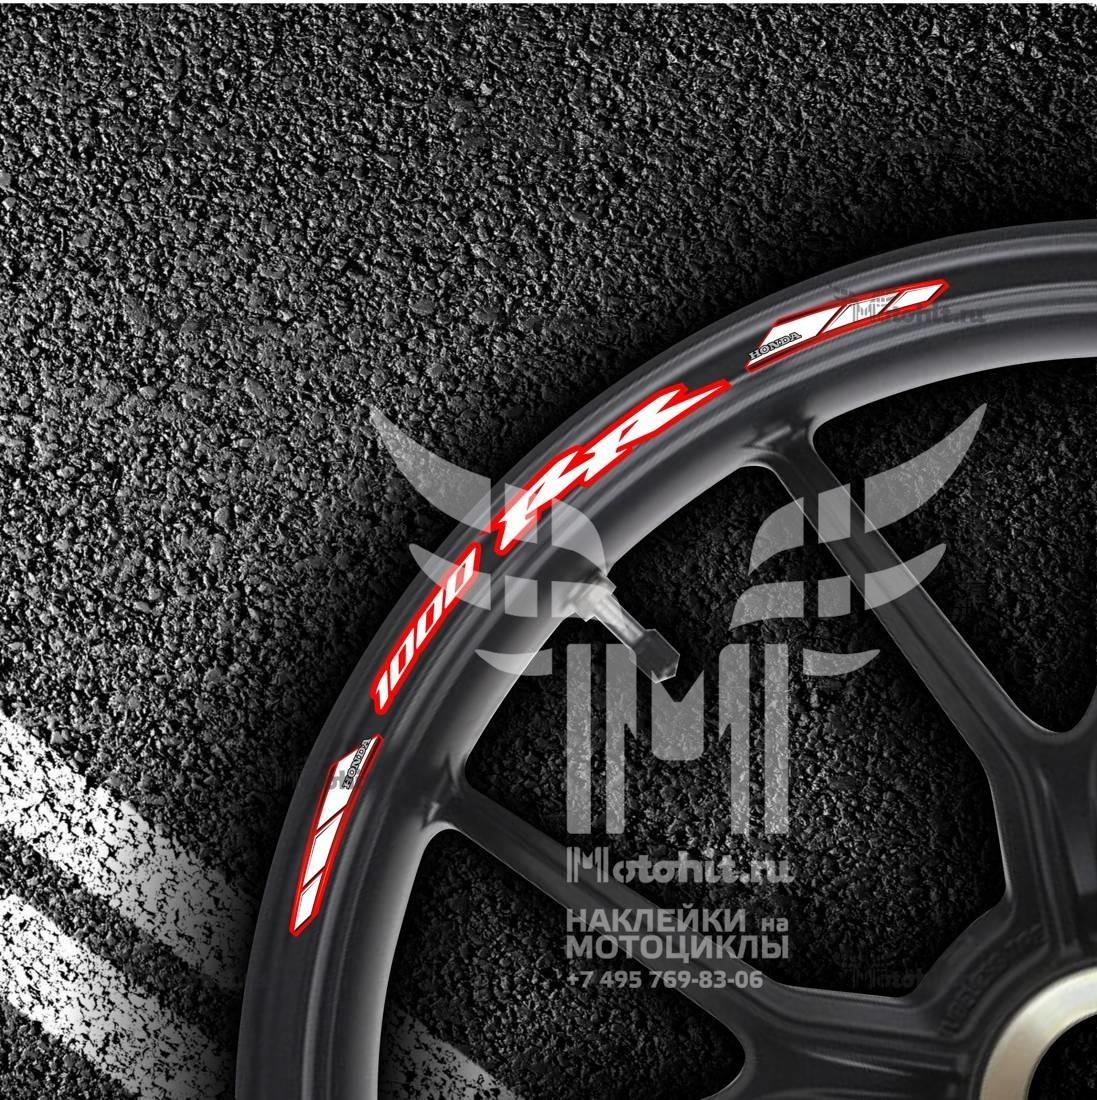 Комплект наклеек на обод колеса мотоцикла HONDA 1000-RR